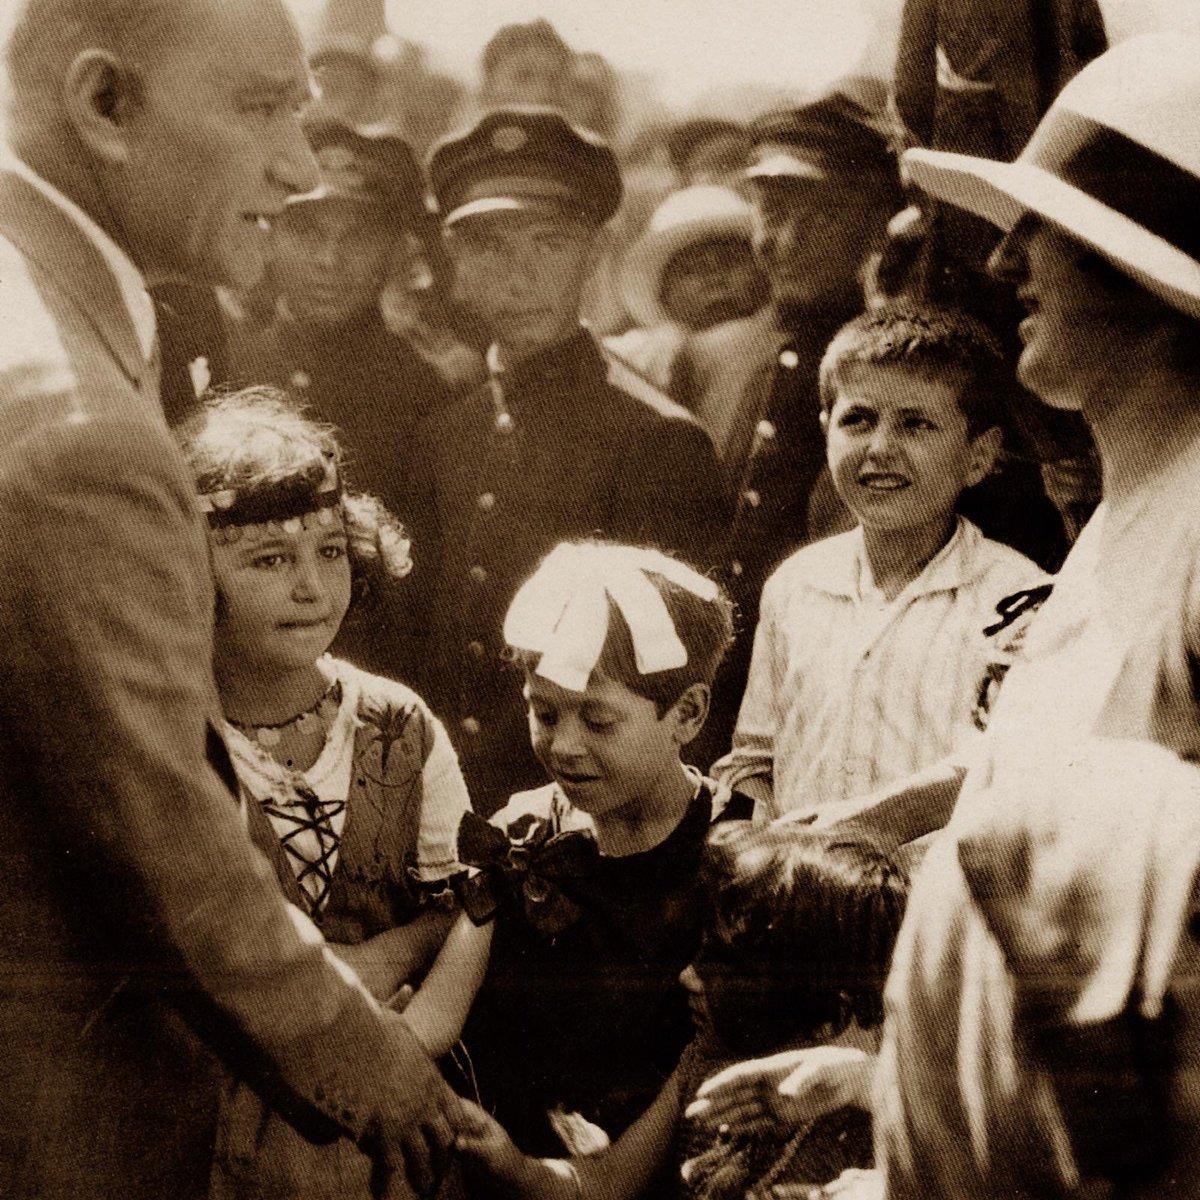 #AtatürküSeviyorumÇünkü bu ülkenin evlatlarına özgür bir ülke, onurlu bir gelecek emanet etti... https://t.co/xsJud5yrgU